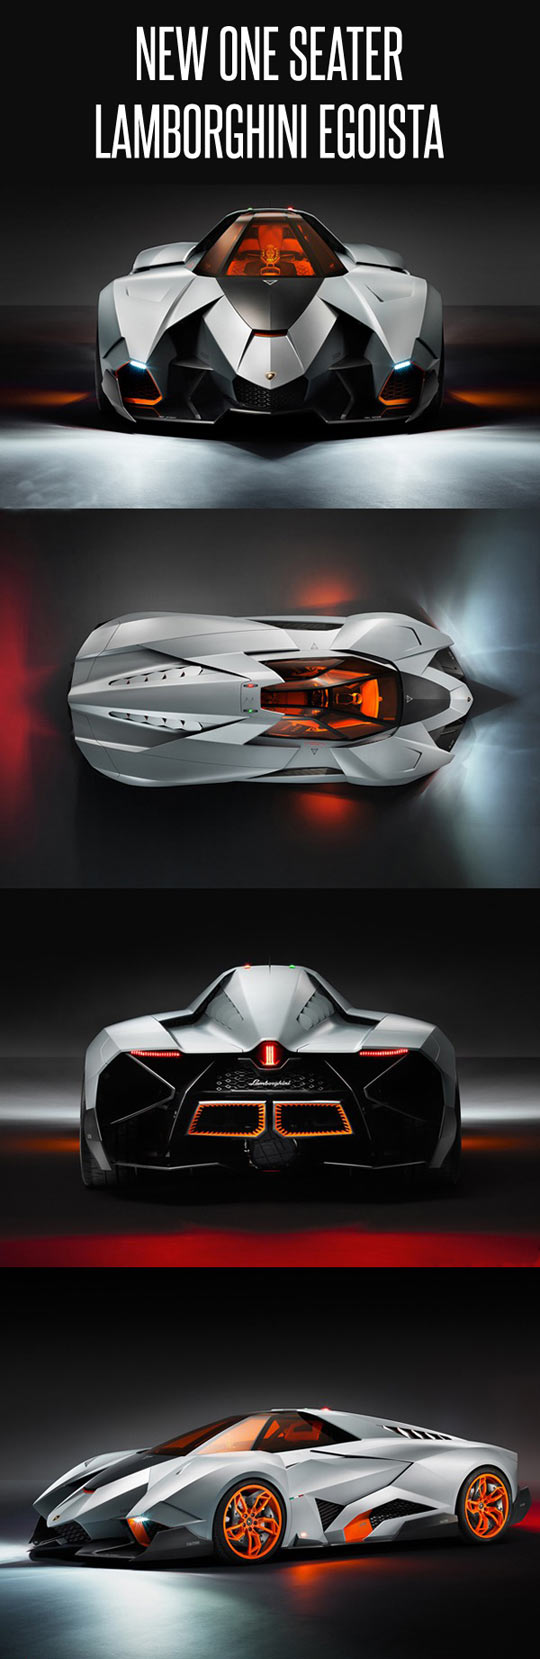 funny-car-seater-Lamborghini-man